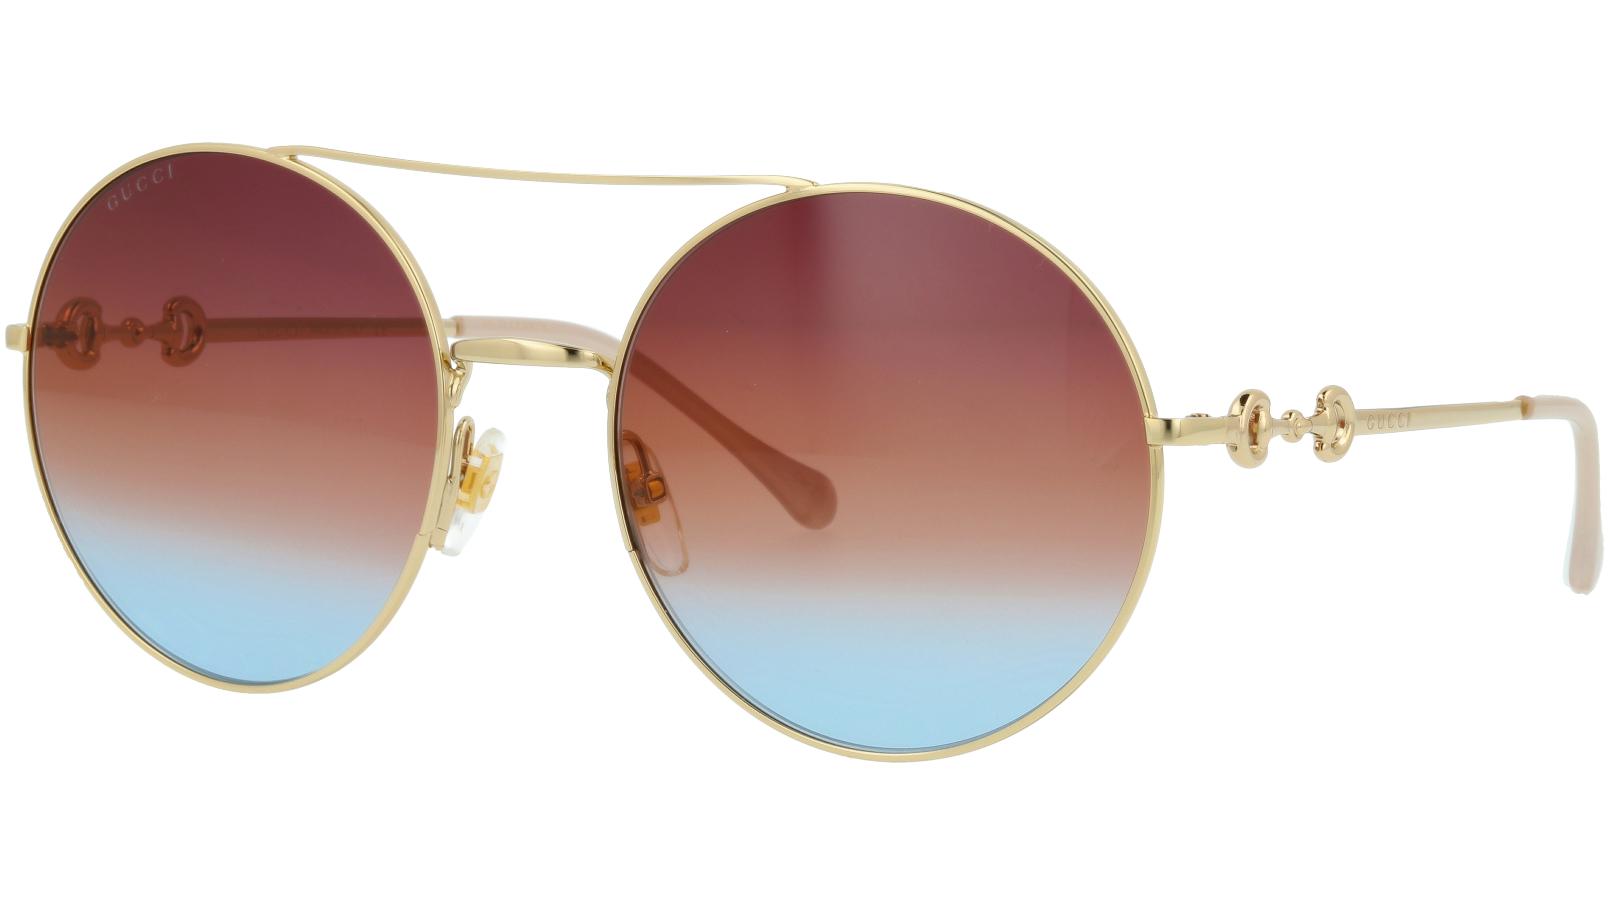 Gucci GG0878S 004 59 Gold Round Sunglasses